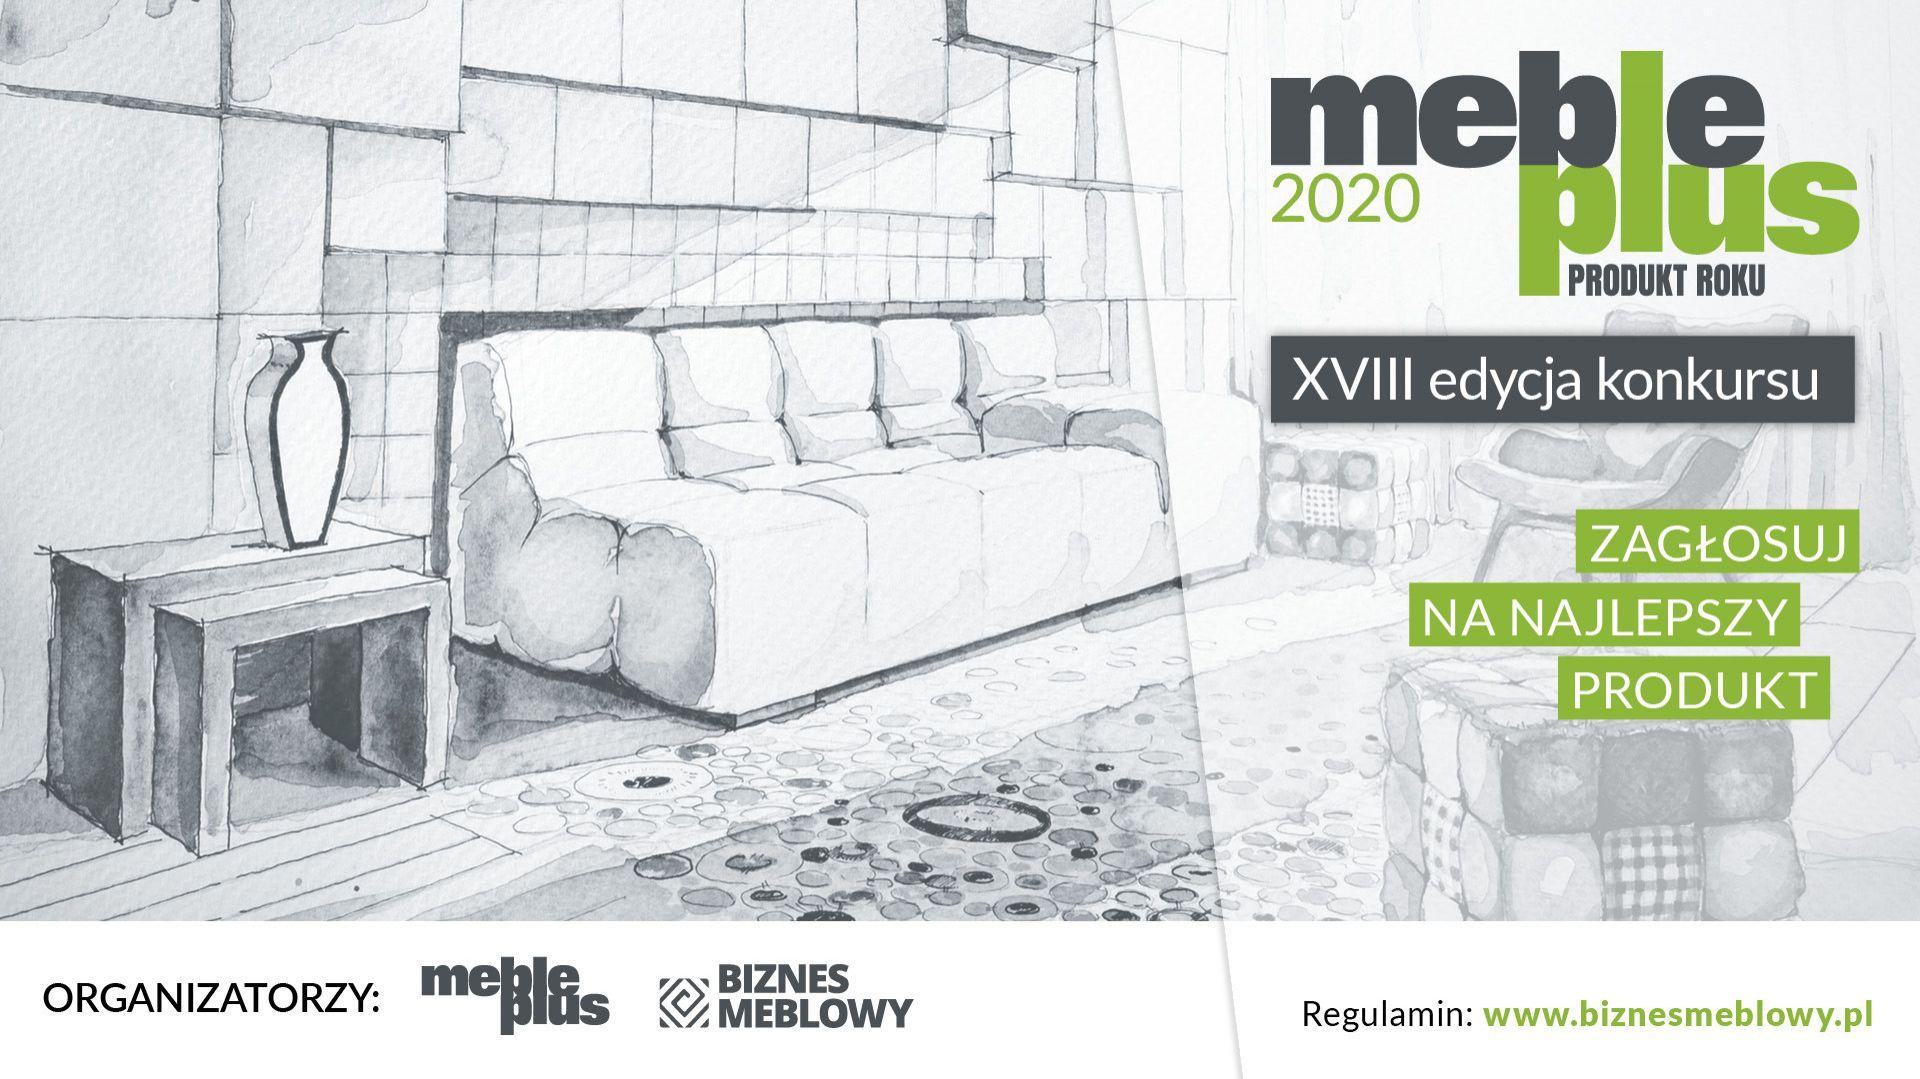 Konkurs Meble Plus - Produkt 2020: ruszyło głosowanie internautów